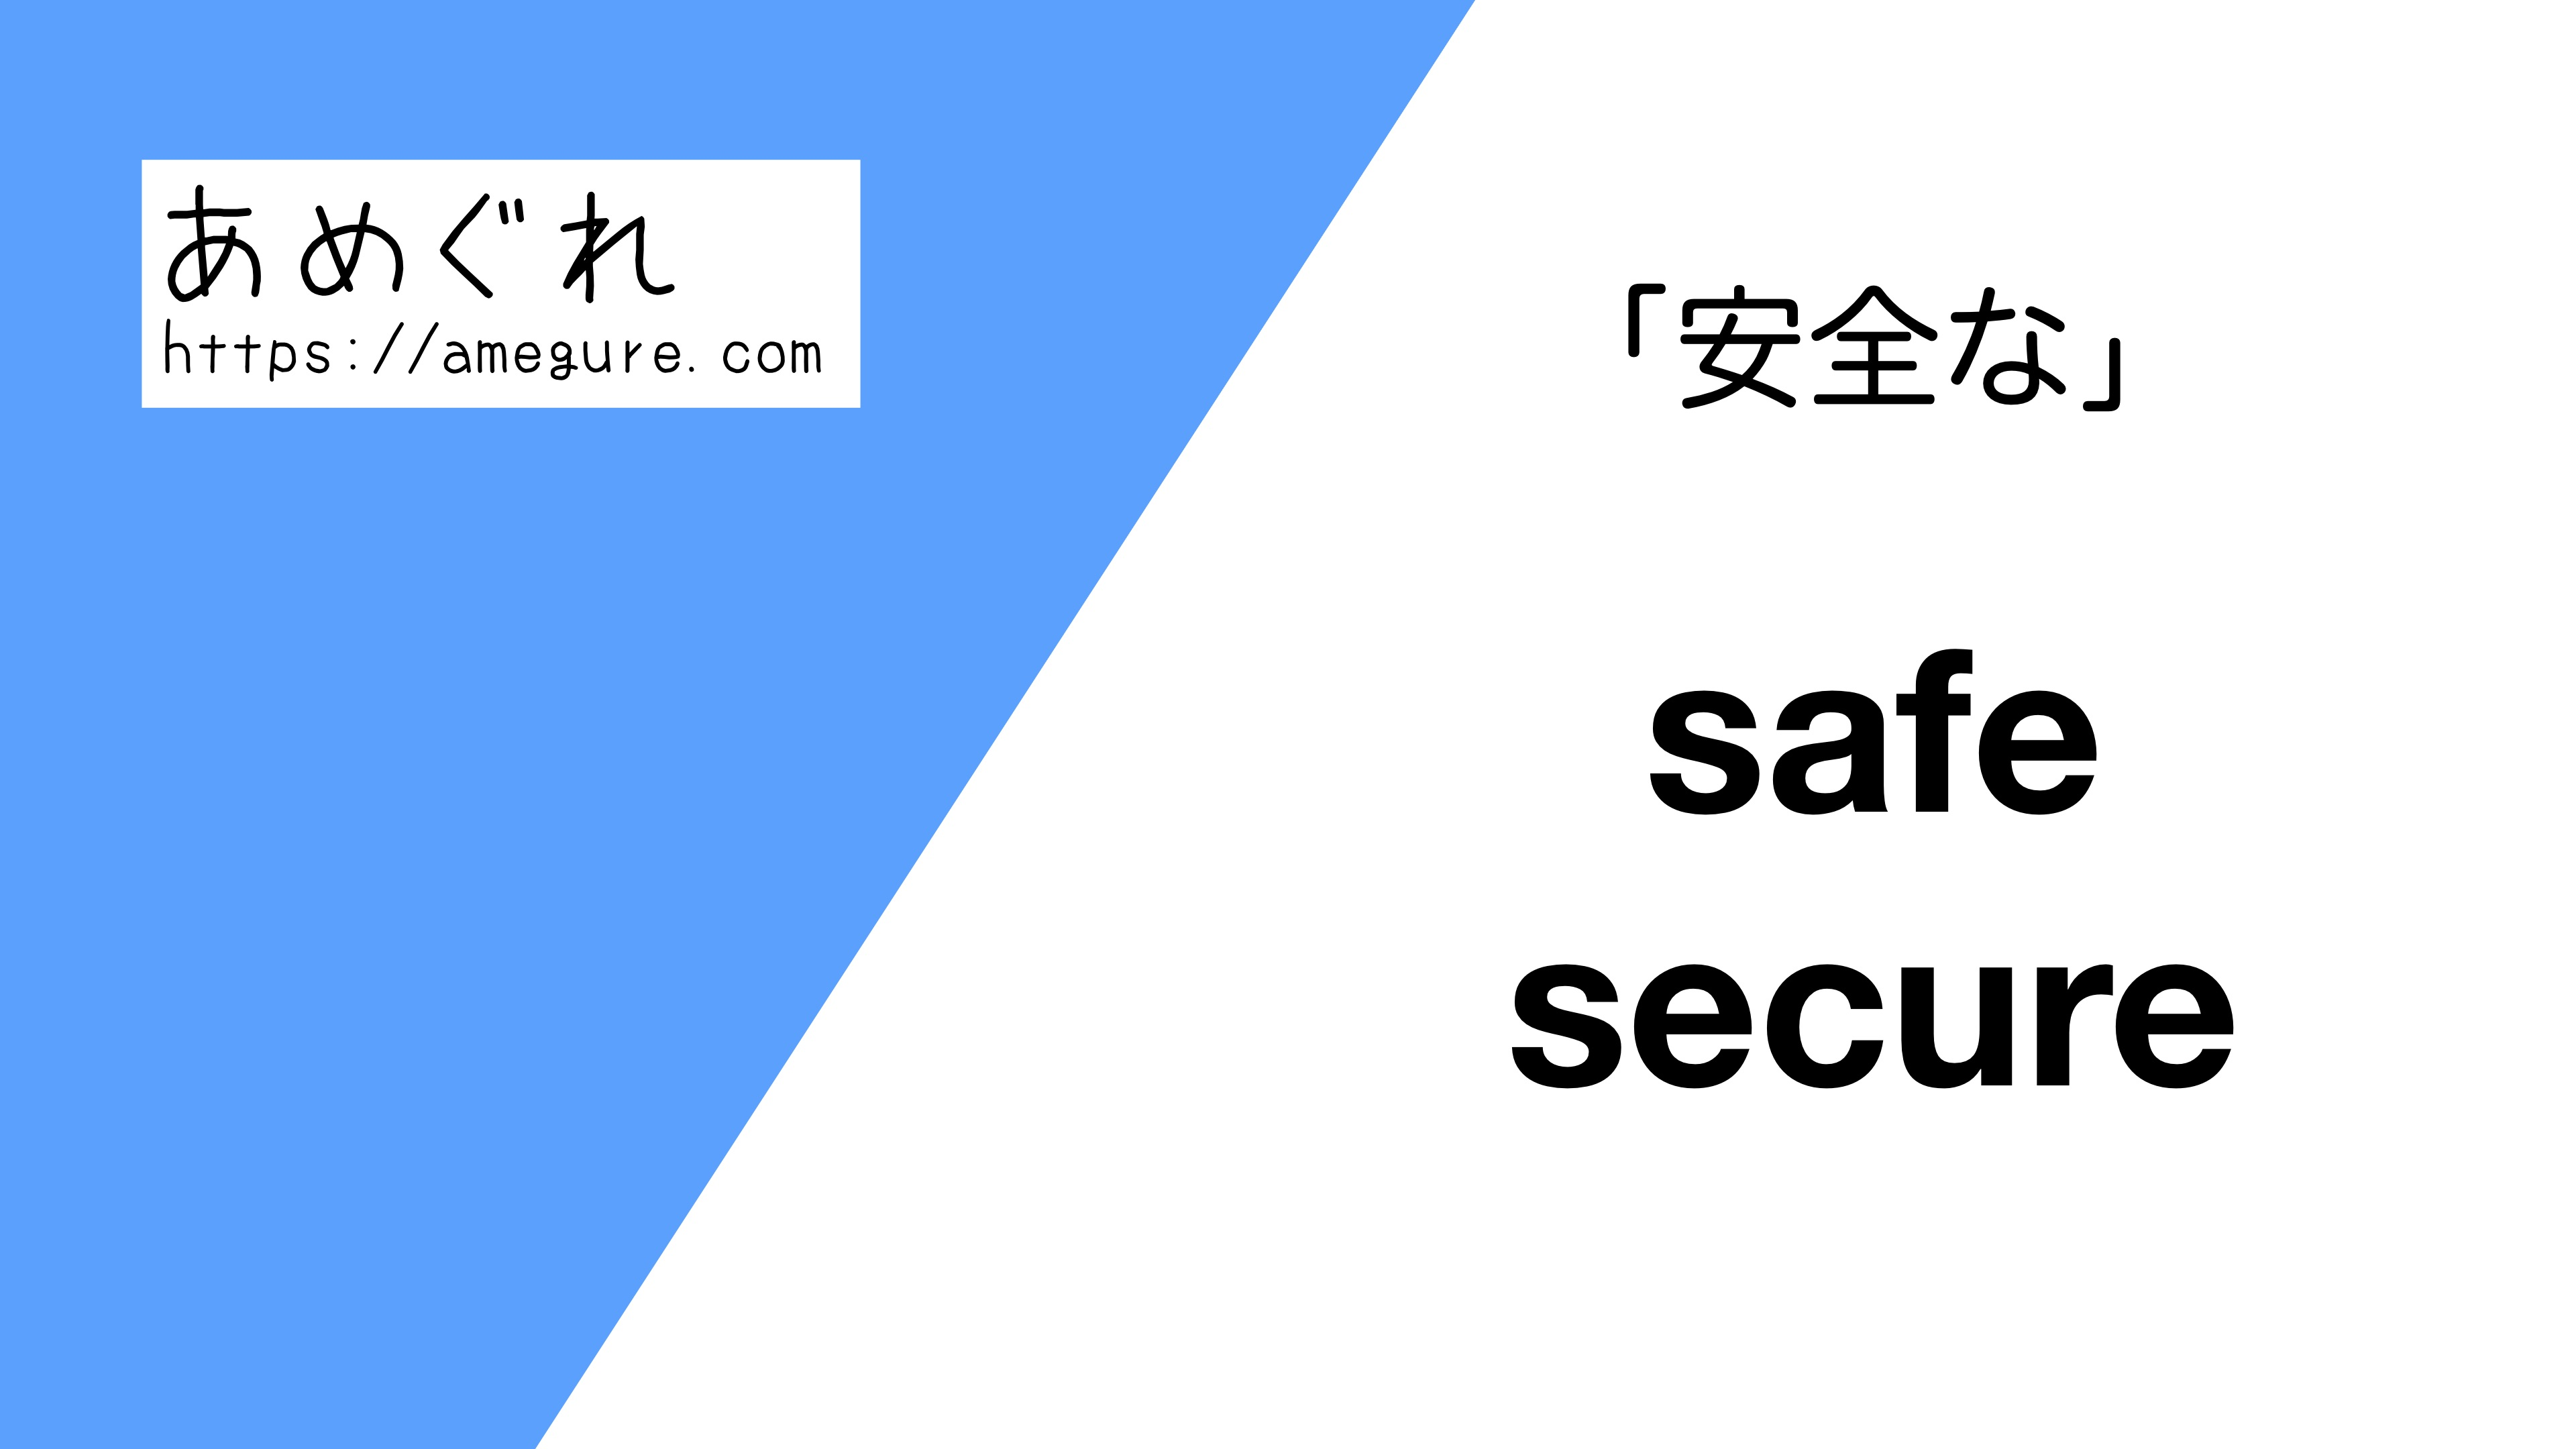 safe-secure違い